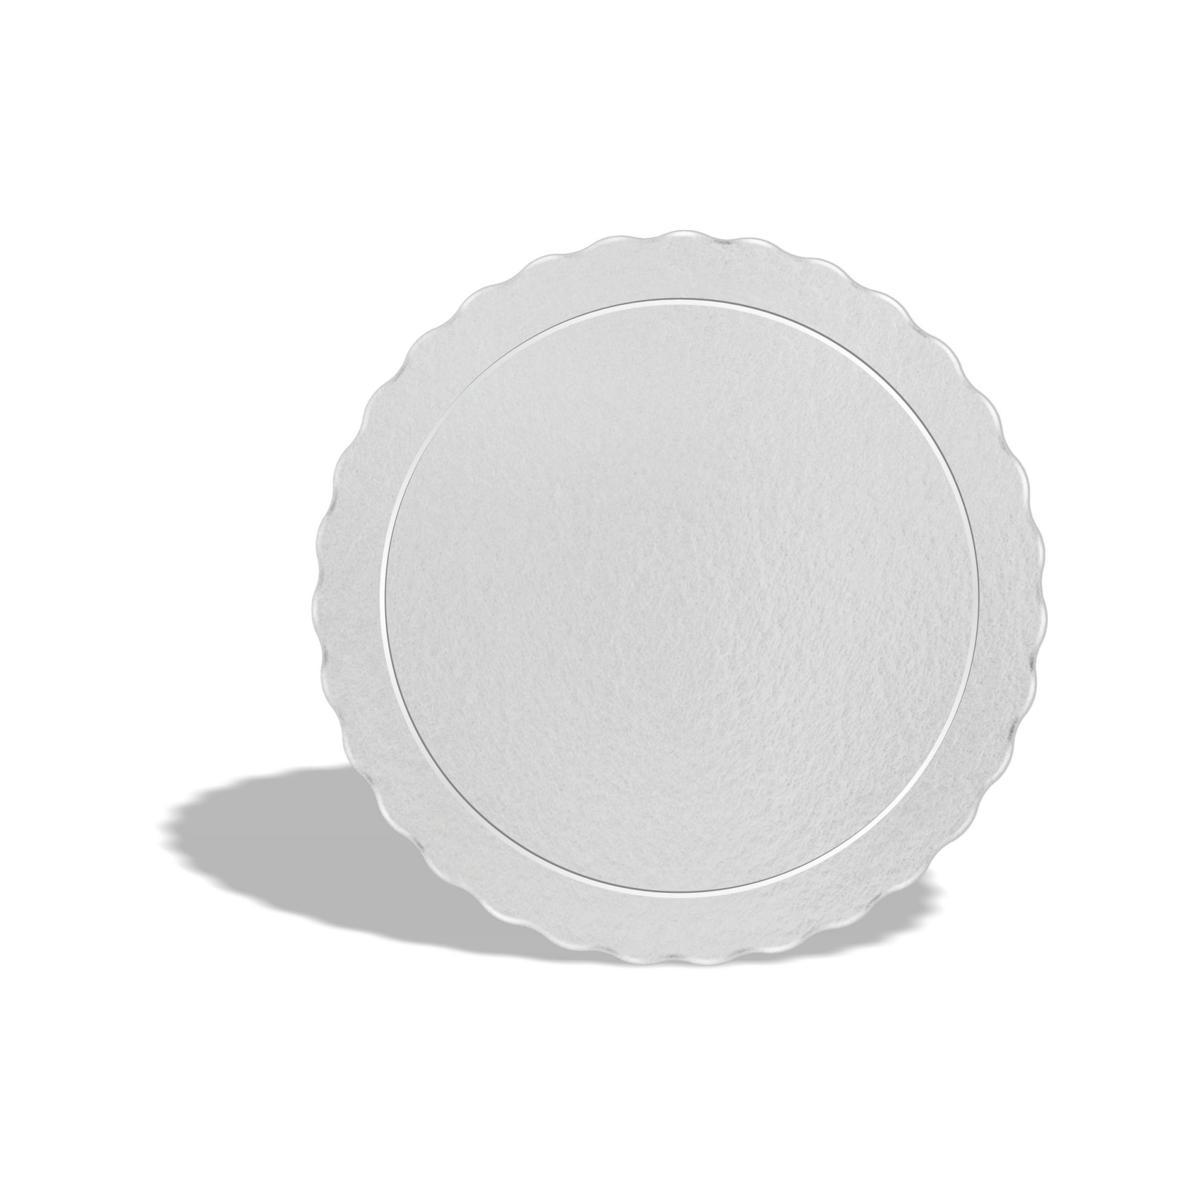 100 Bases Laminadas Para Bolo Redondo, Cake Board 30cm - Branco